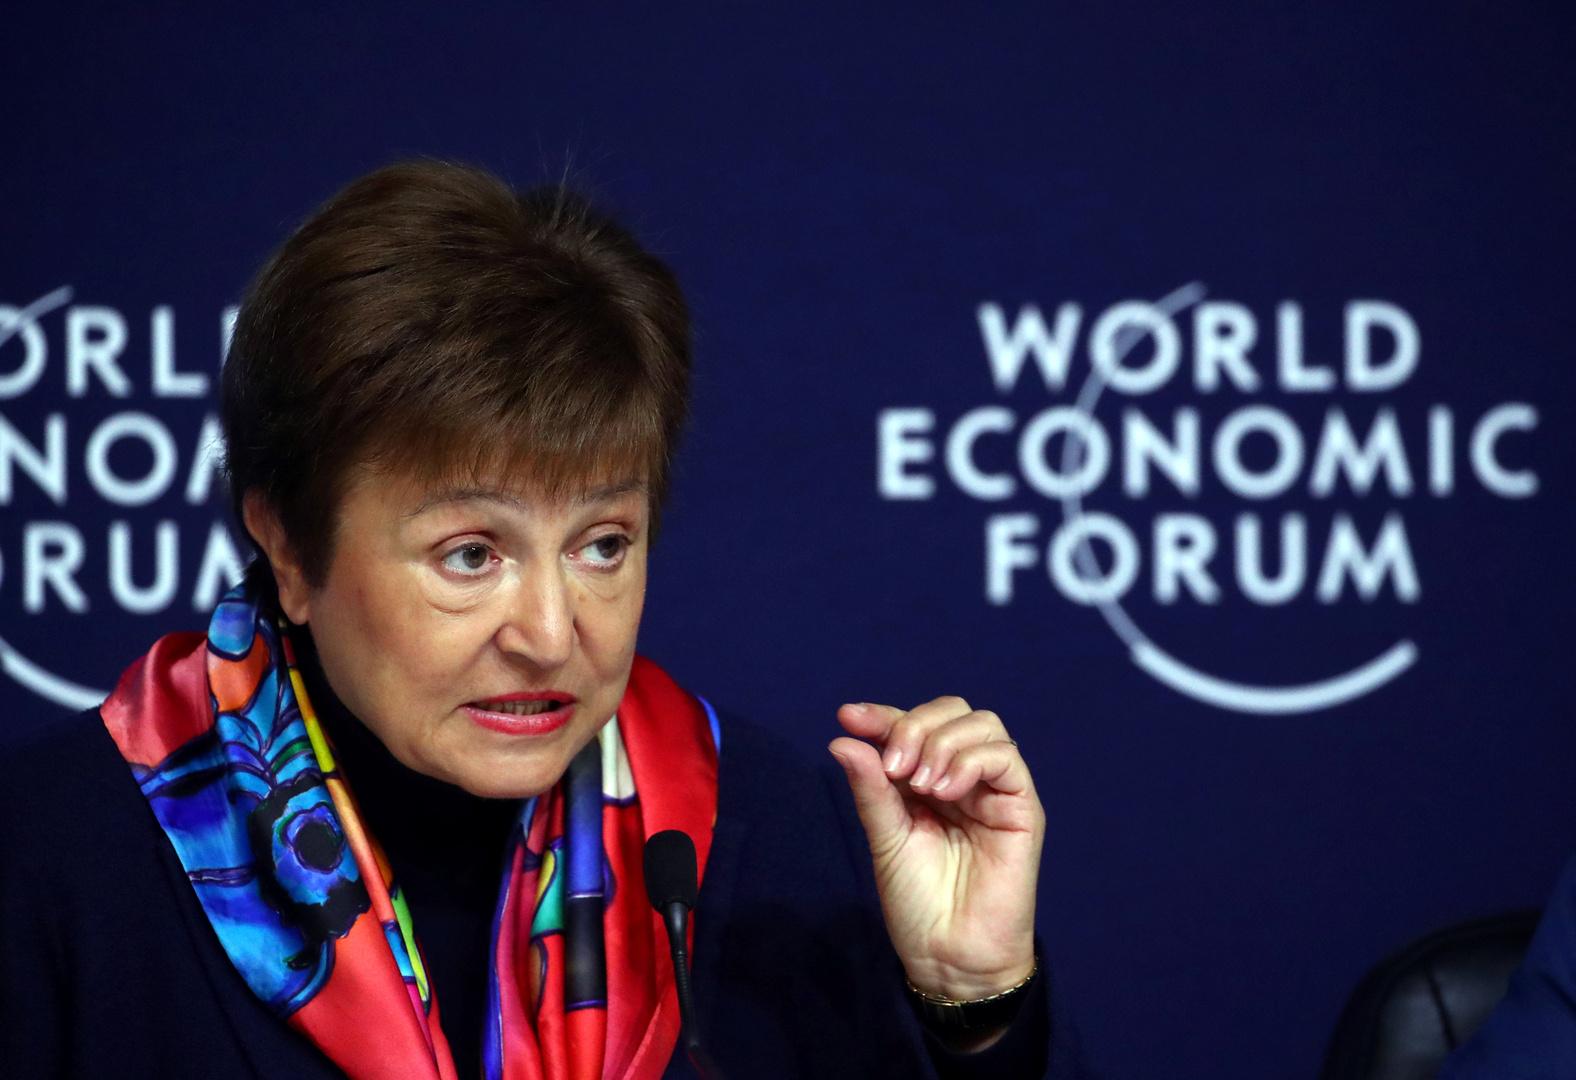 مديرة صندوق النقد الدولي كريستالينا غيورغييفا